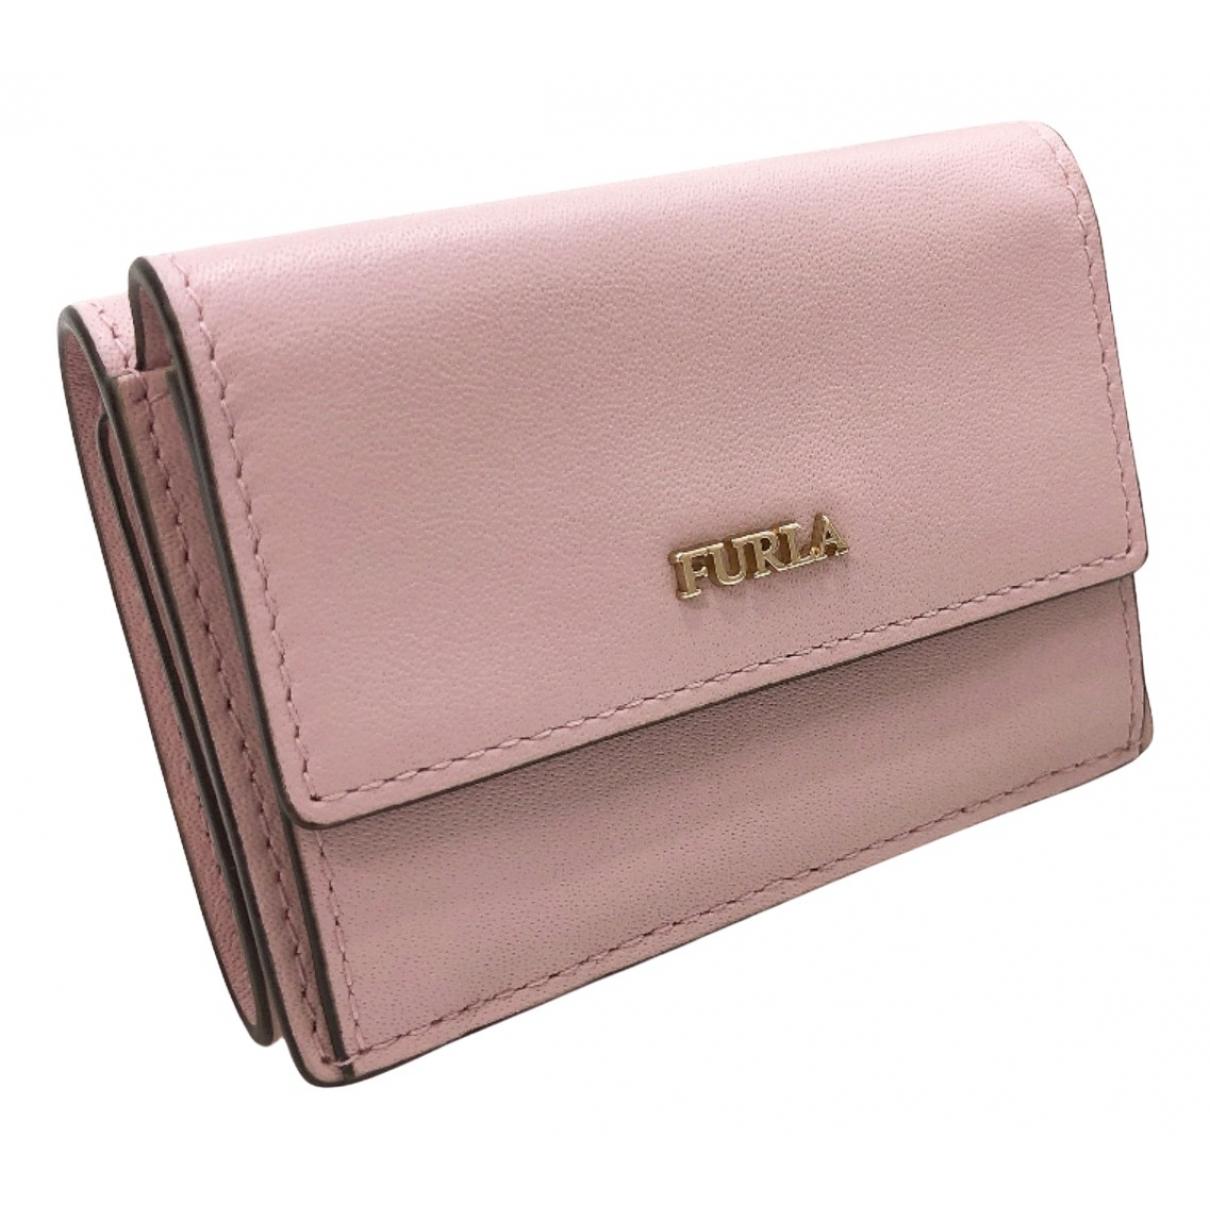 Furla - Portefeuille   pour femme en cuir - rose